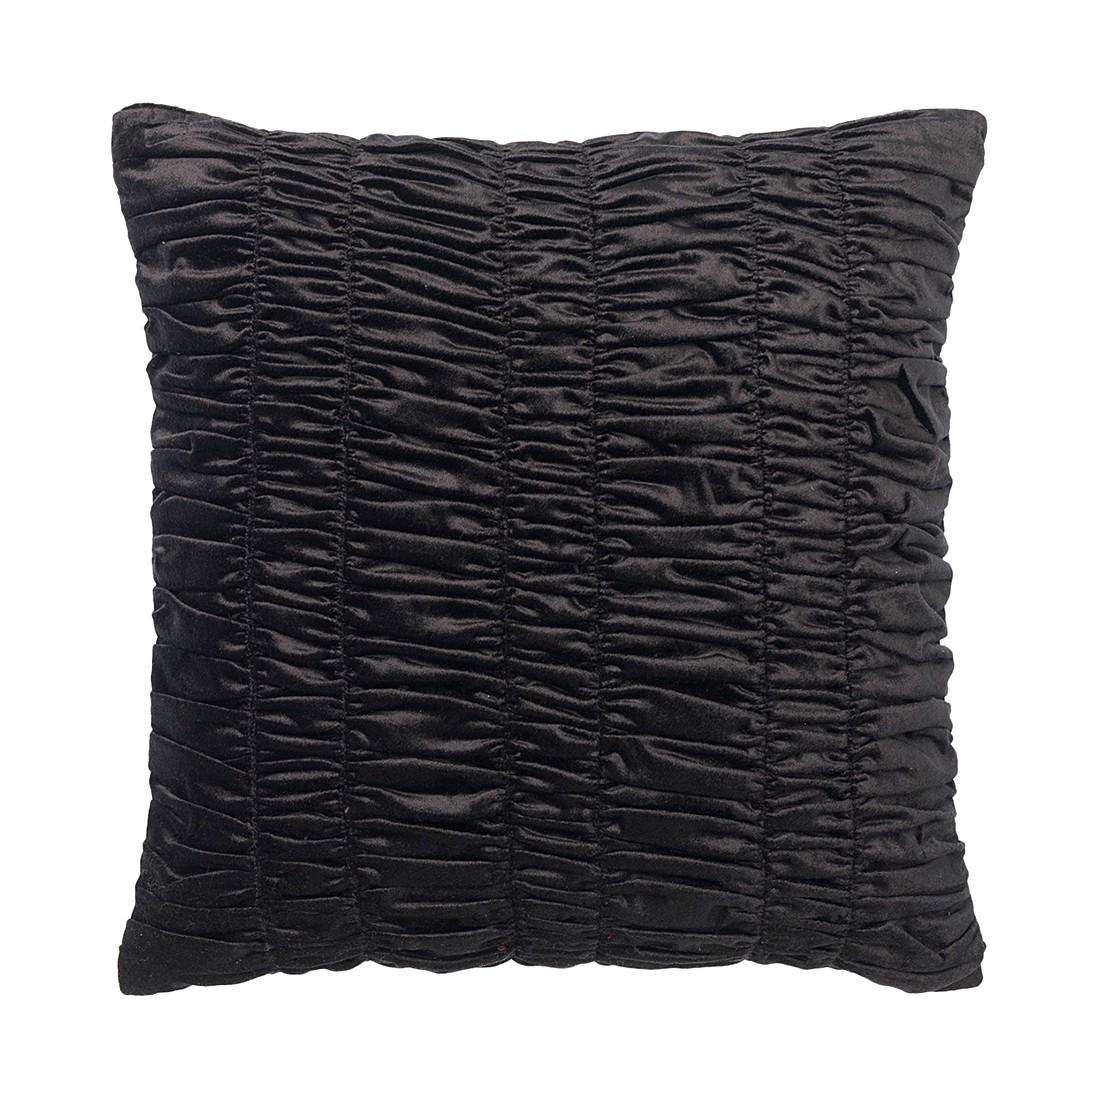 Kissen Falcade – 45 X 45 cm, Schwarz, Polyester / Baumwolle – Kissenhülle, ohne Füllung, Dutch Decor kaufen